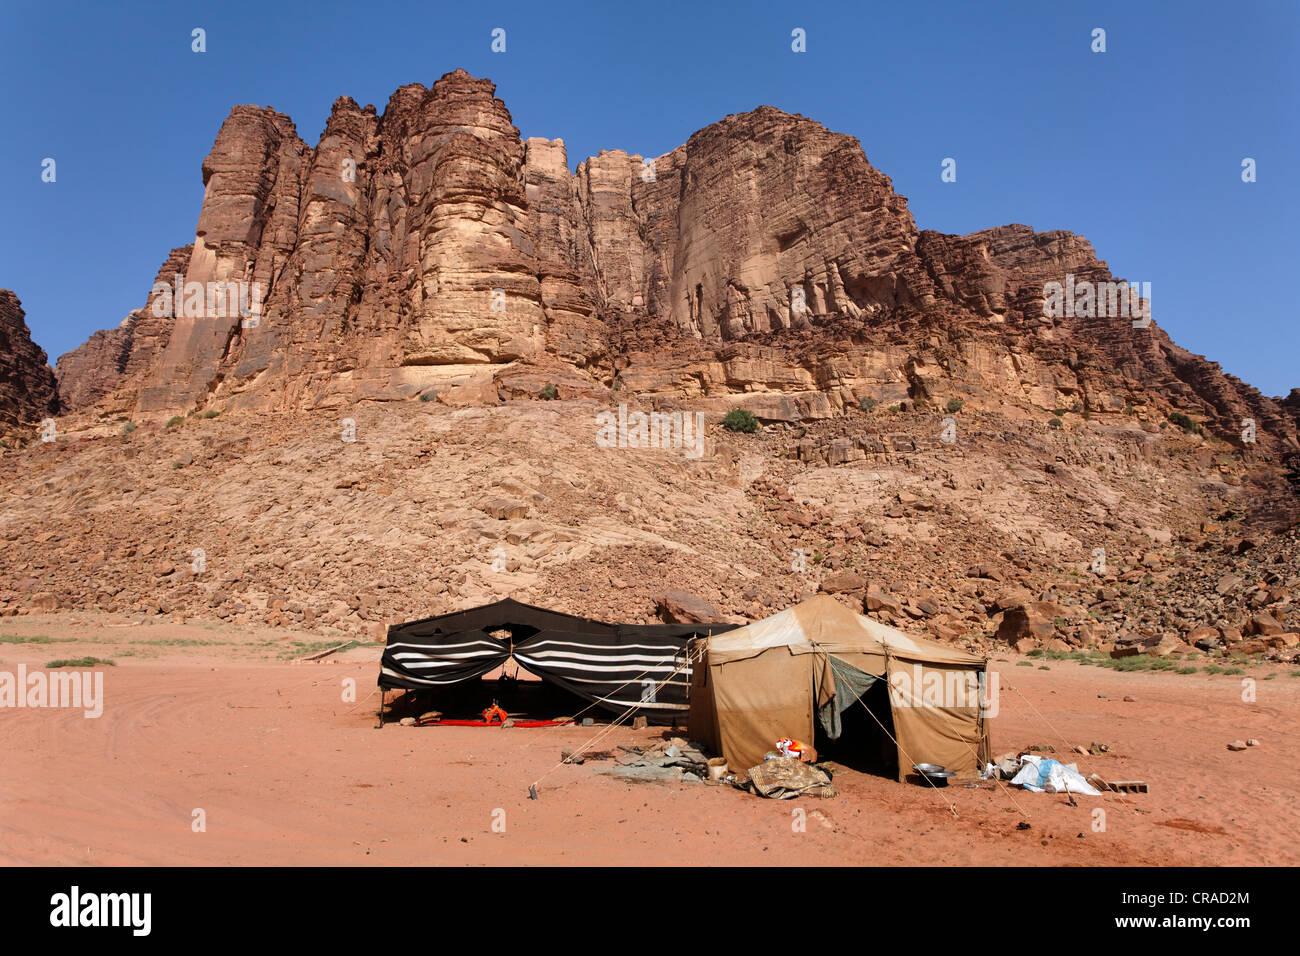 Montagne avec Lawrence's Spring, camp Bédouin, Lawrence d'Arabie, le désert, le Wadi Rum, Royaume Photo Stock